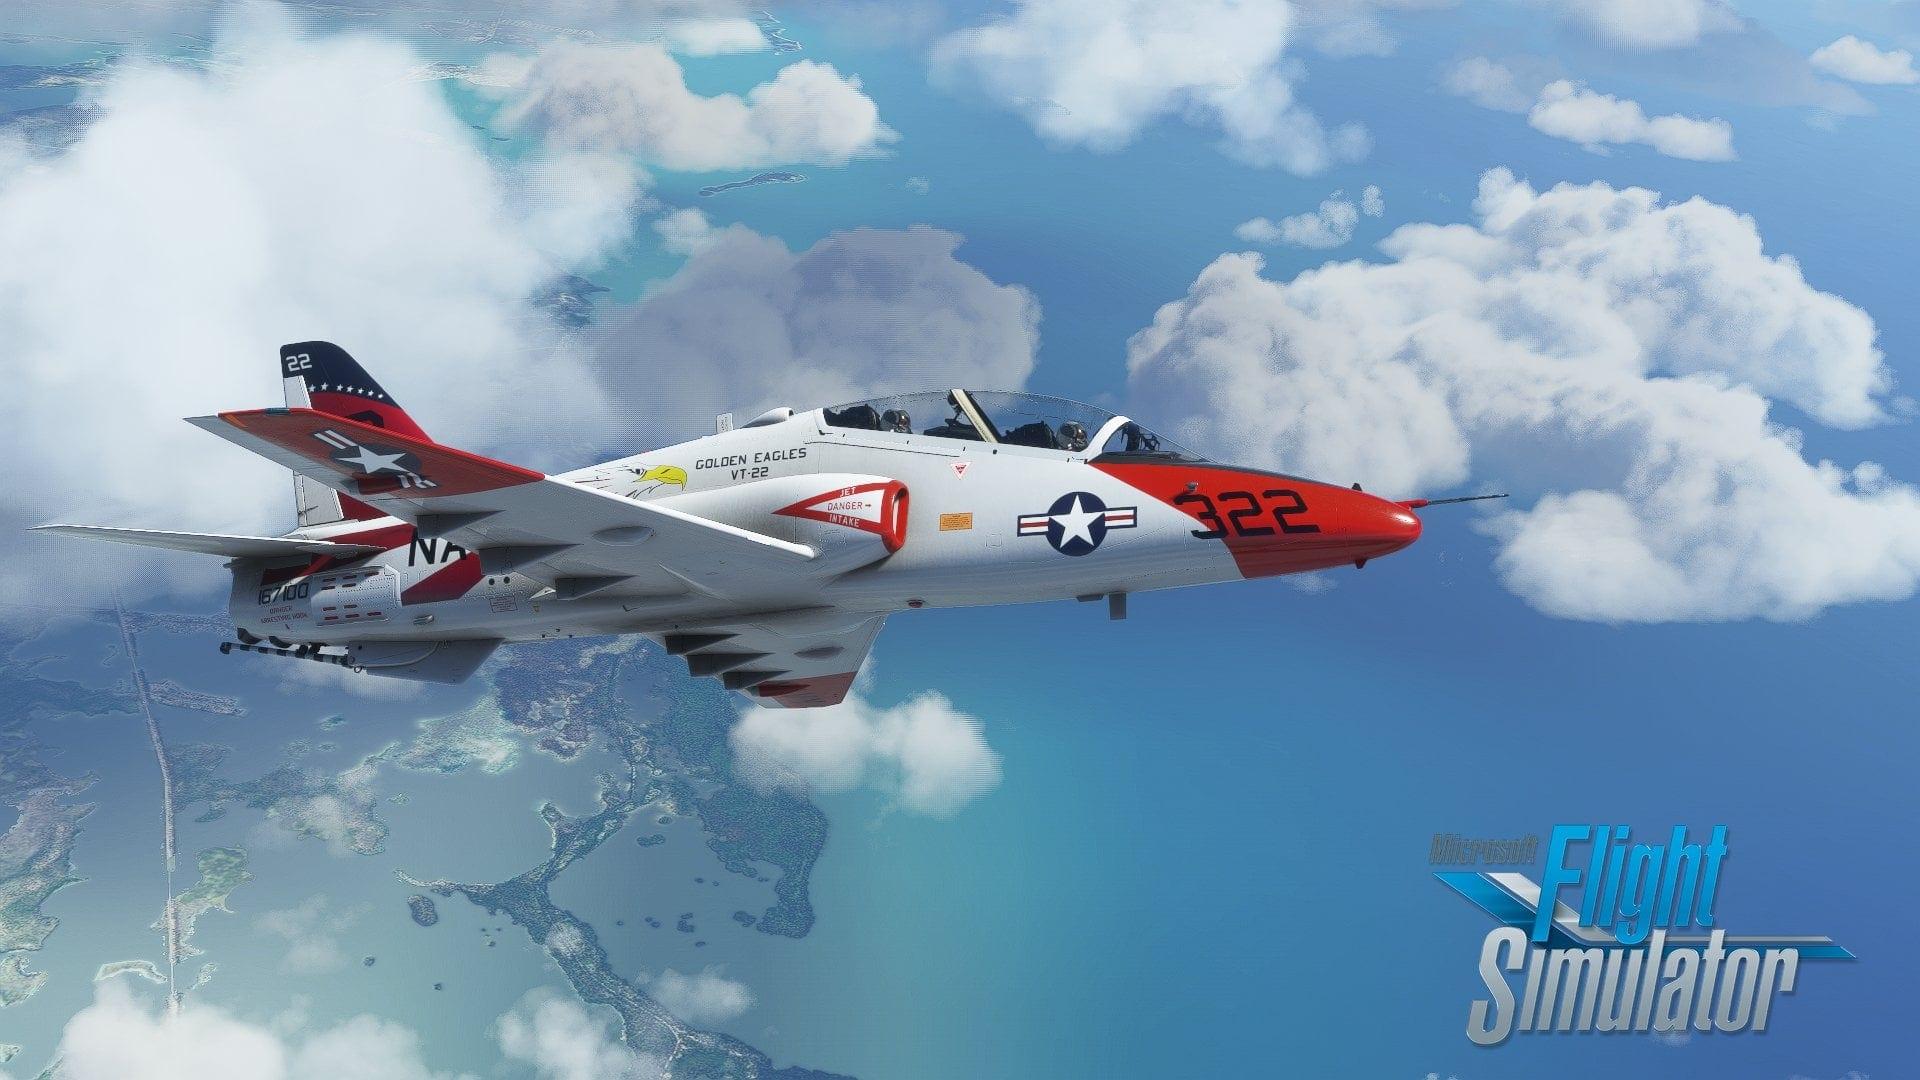 Microsoft Flight Simulator Goshawk